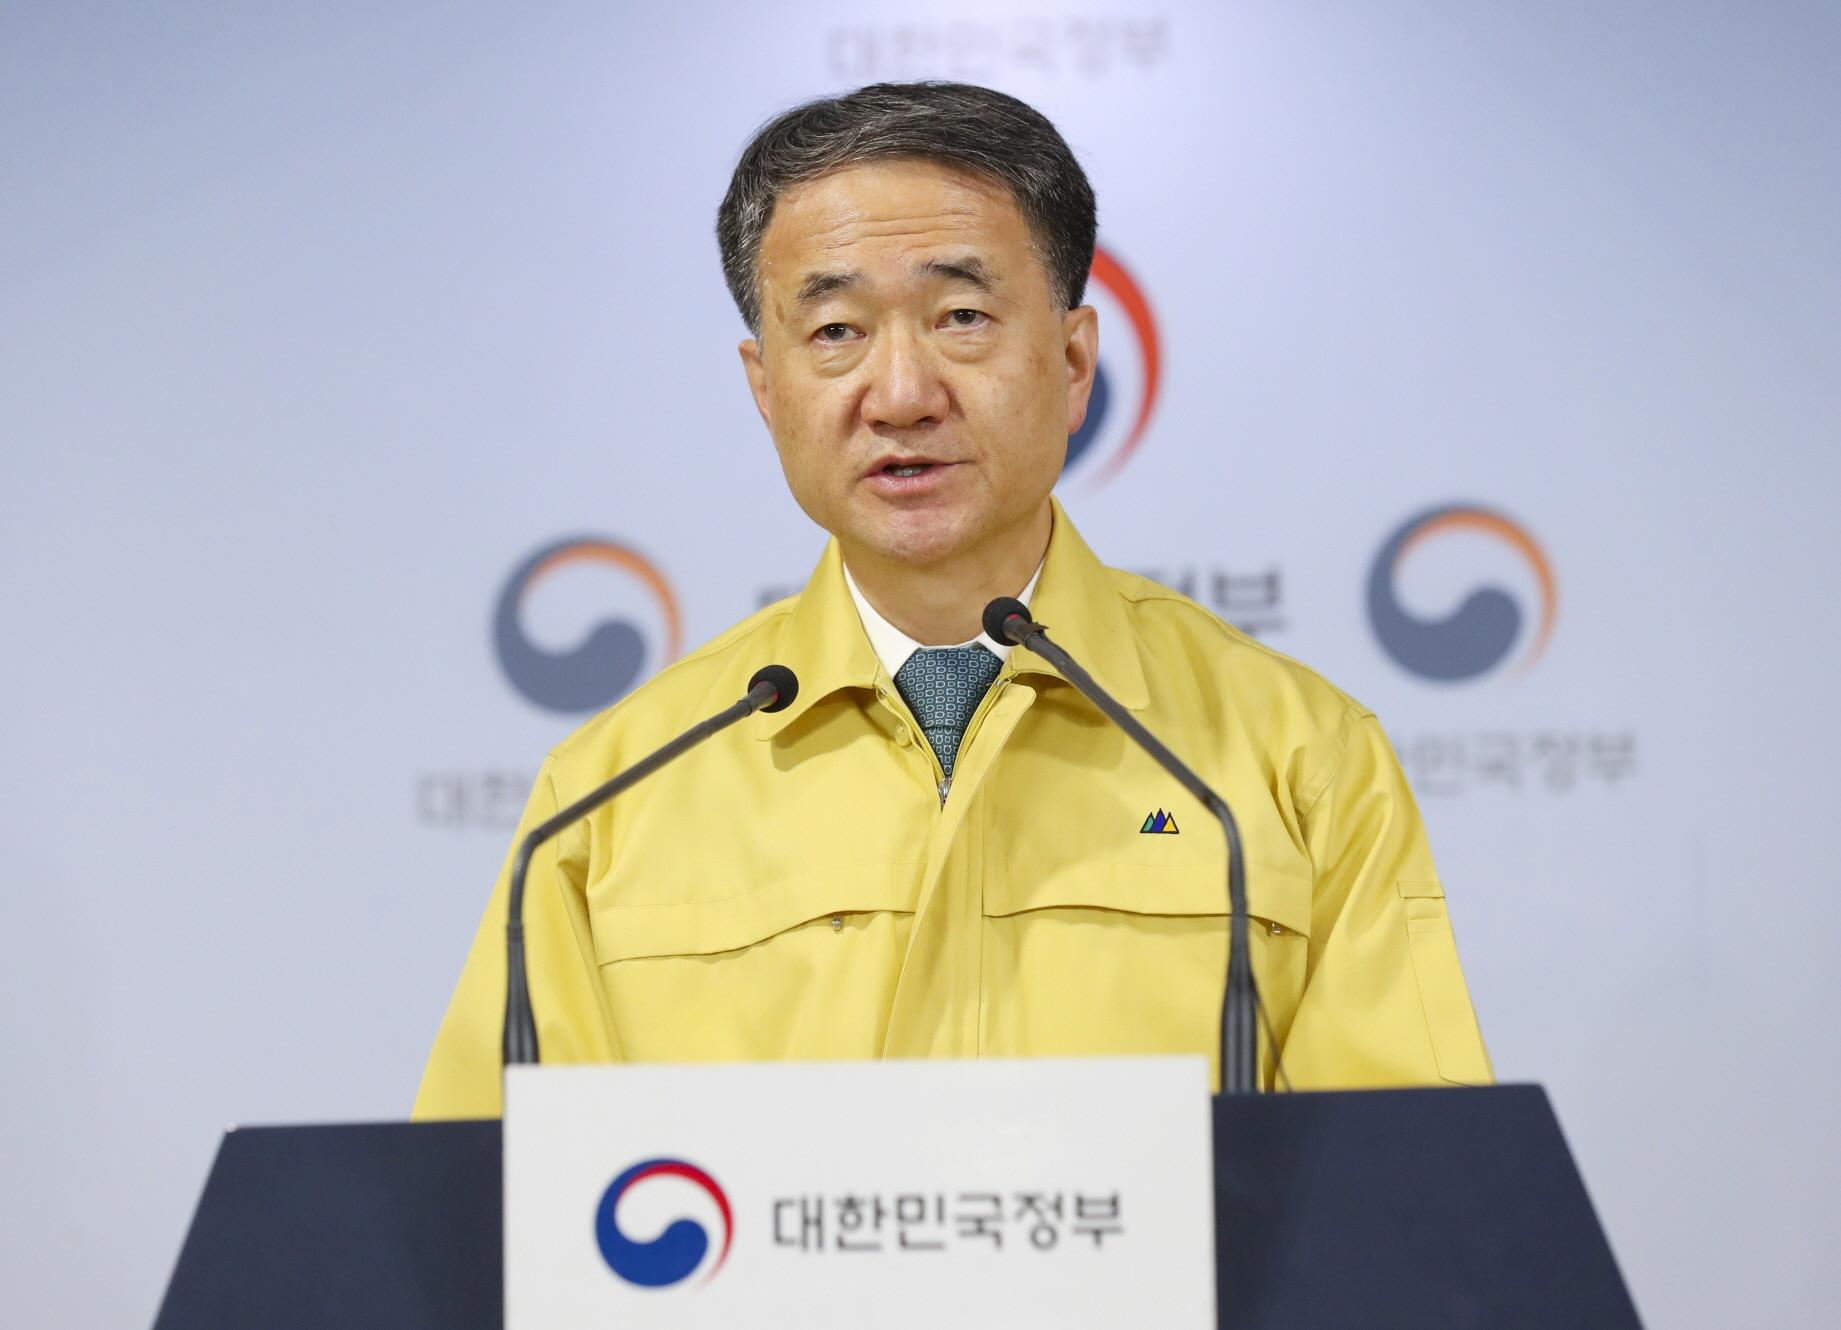 ▲▼南韓保健福祉部長朴淩厚(圖/翻攝自維基百科)